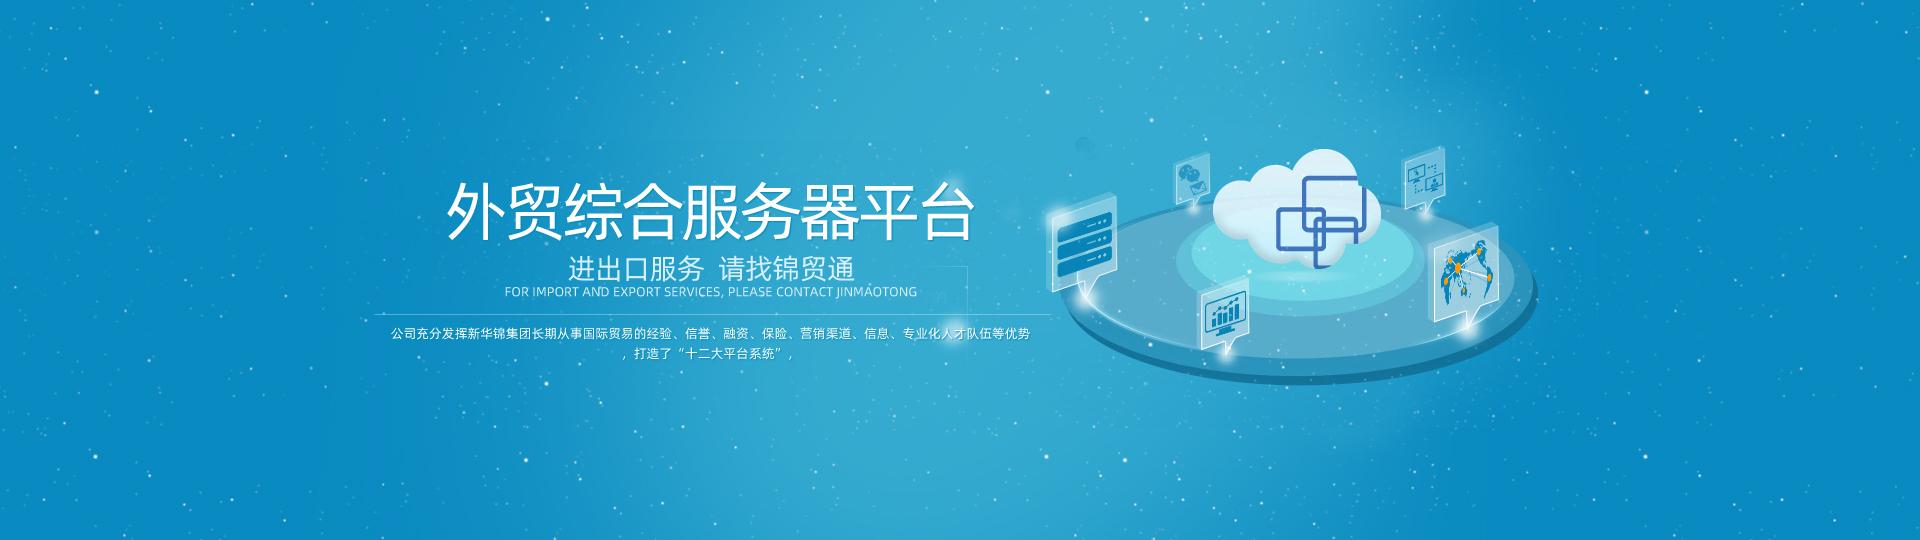 中小微服务平台